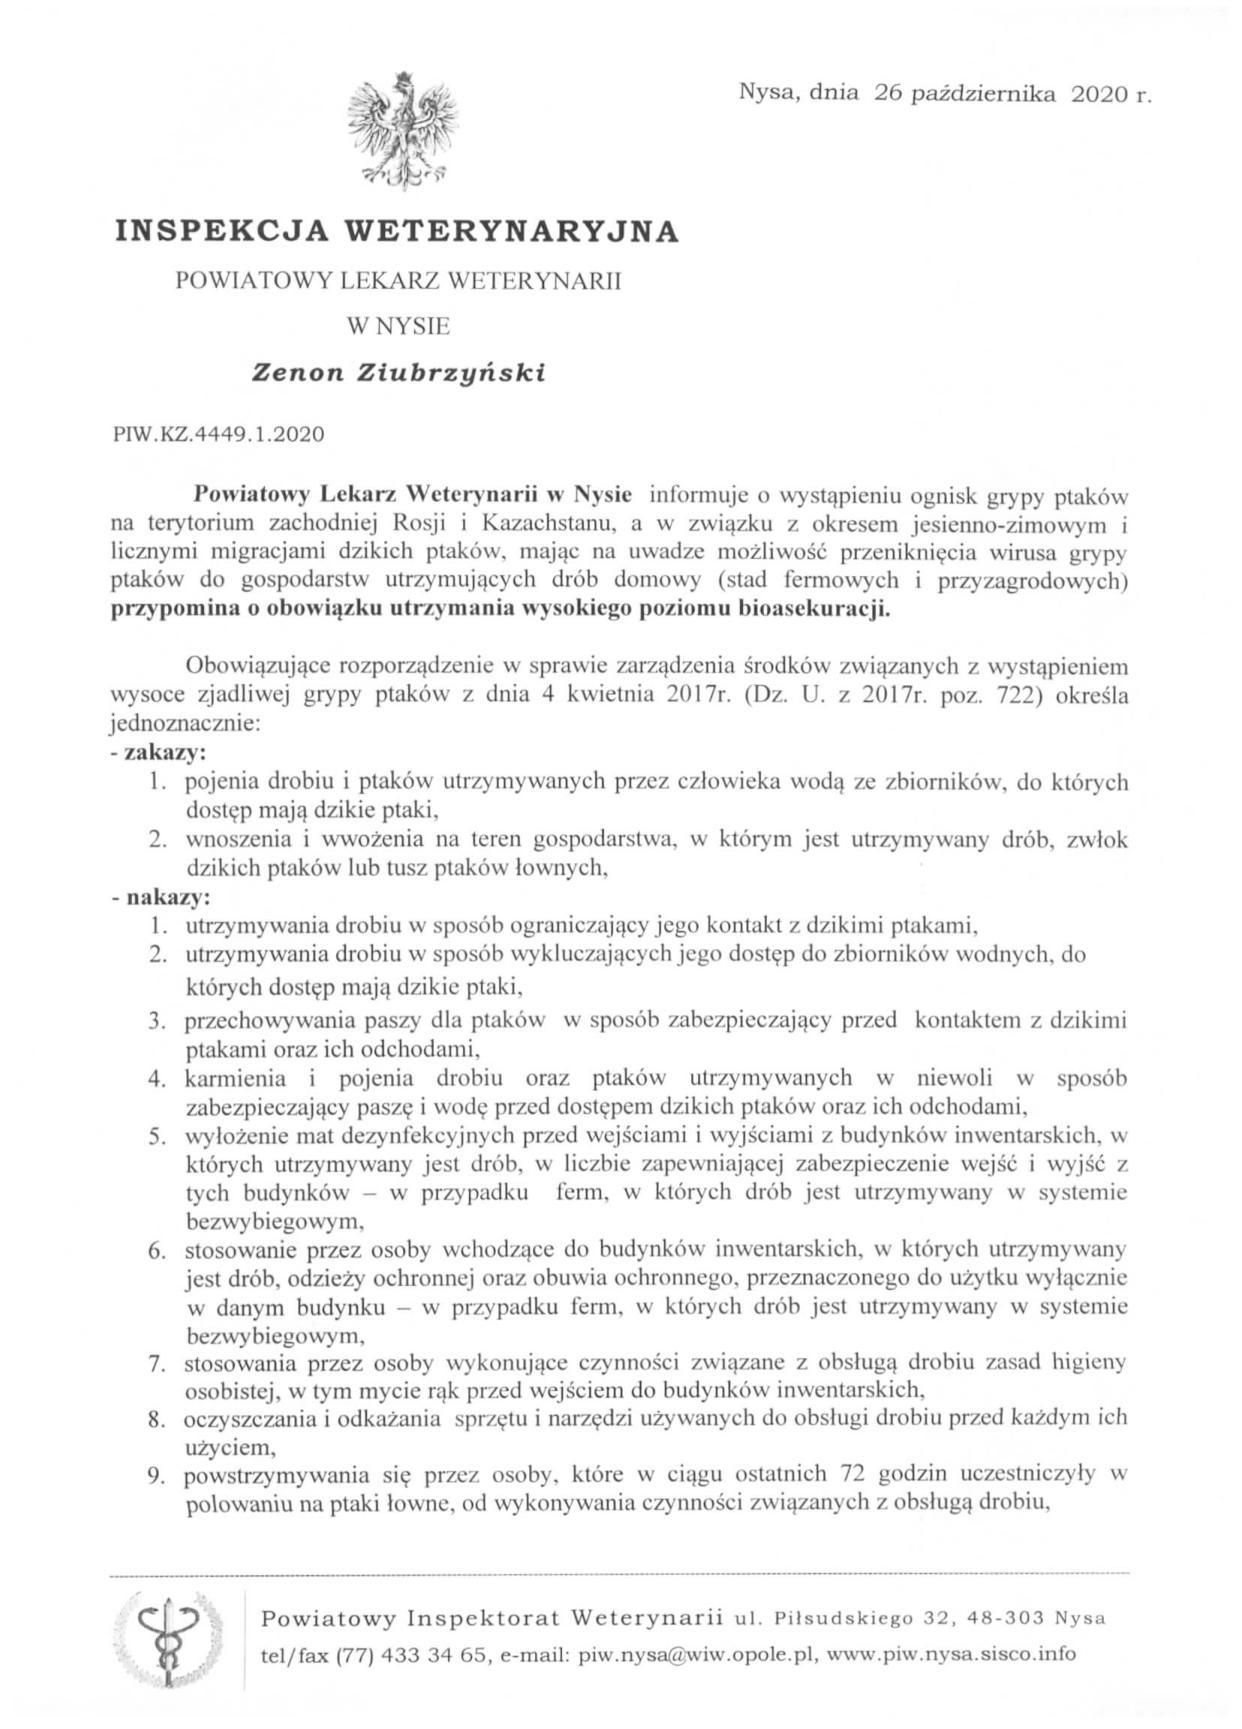 Komunikat Powiatowego Lekarza Weterynarii w Nysie w związku z wystąpieniem ognisk ptasiej grypy na terytorium Rosji i Kazachstanu.